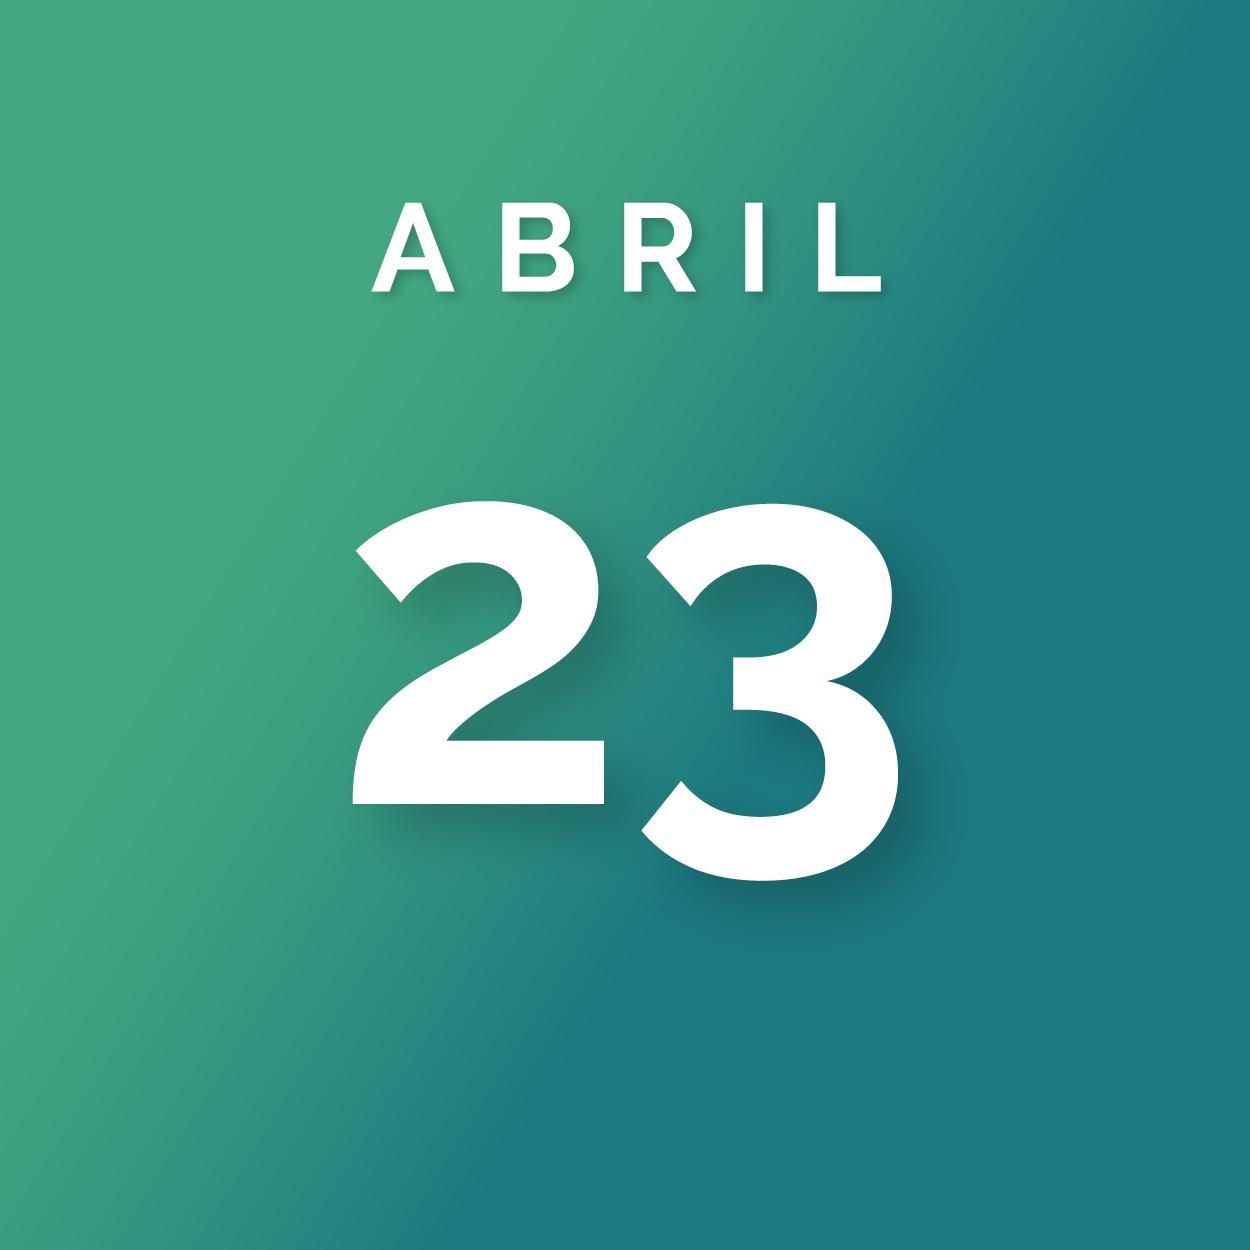 Encerramento do prazo para envio das propostas - Sexta-feira, 23 de Abril, 2018às 23;59